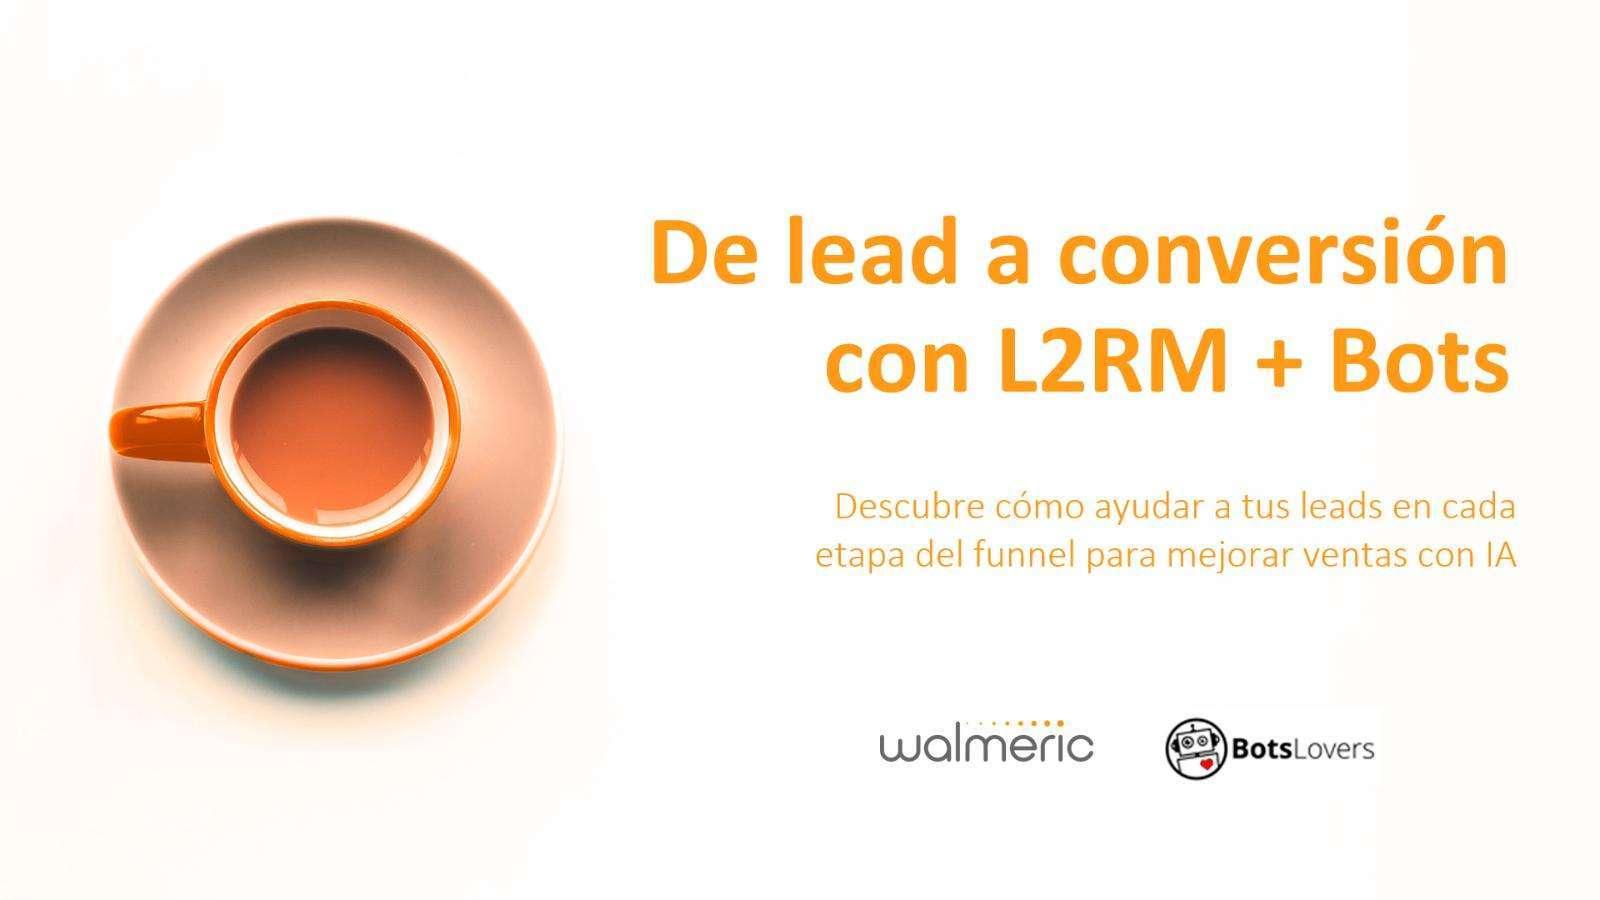 webinar-de-lead-a-conversion-con-l2rm-y-bots-video